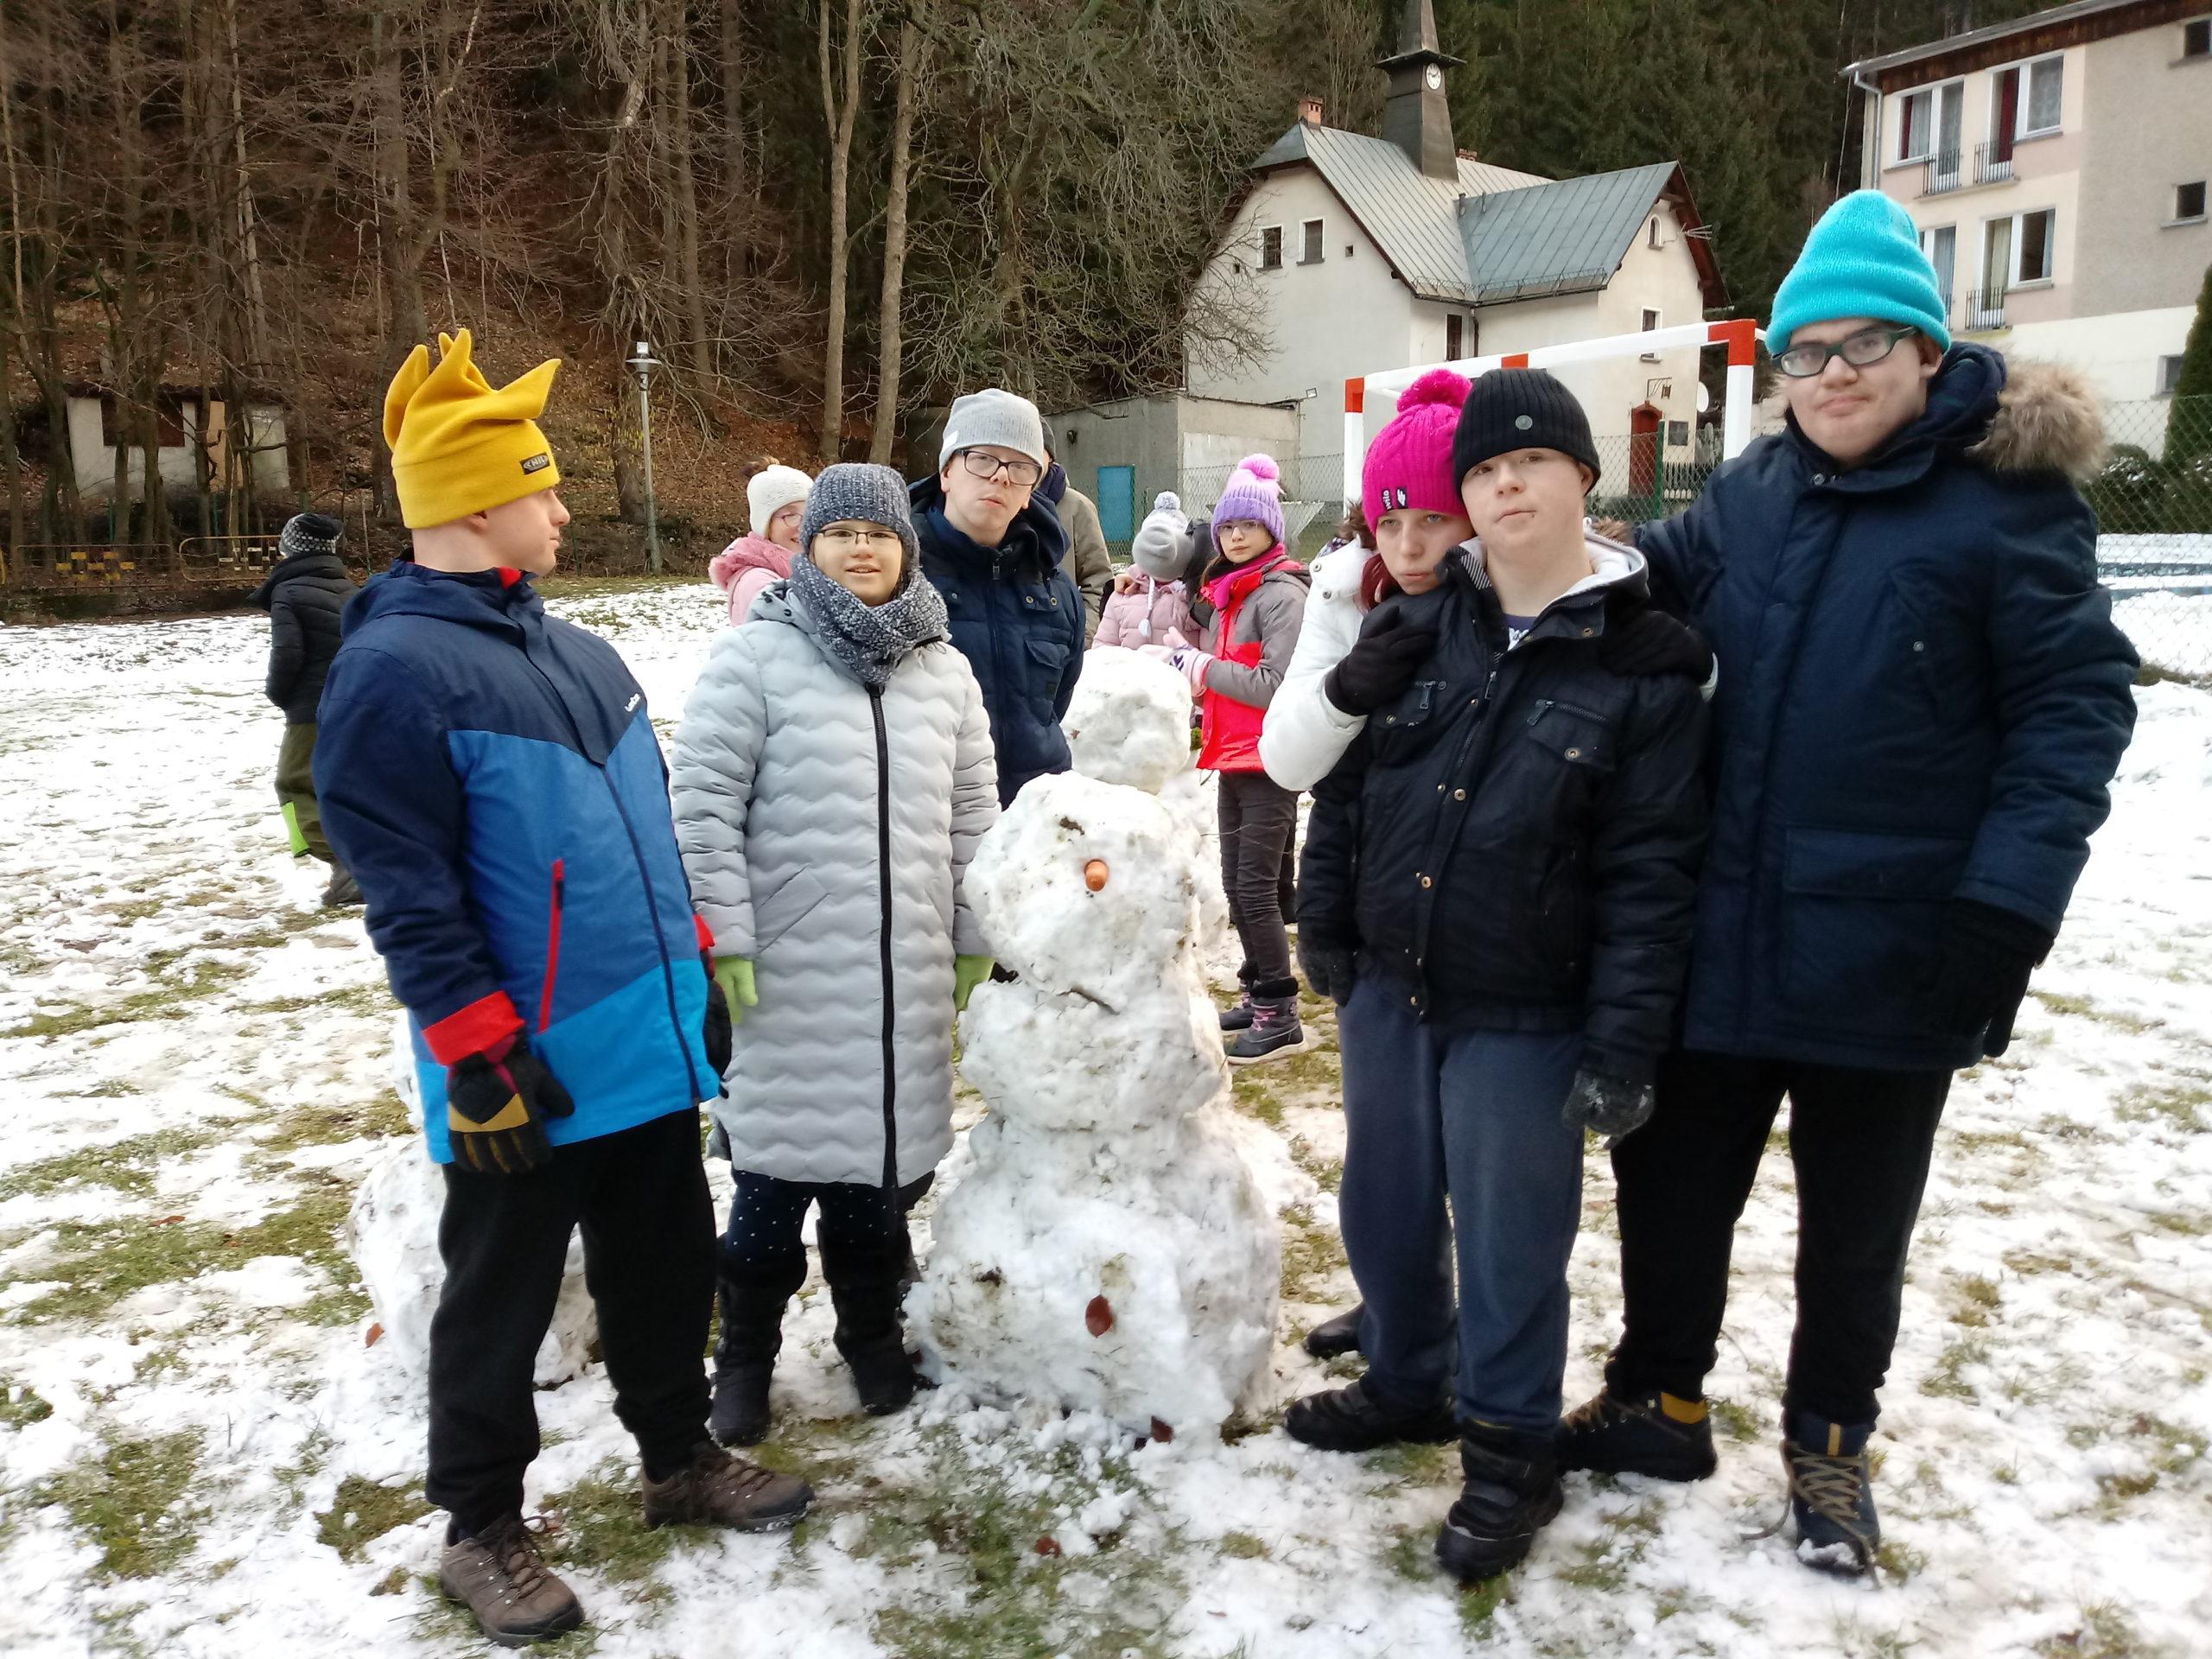 zimowe warsztaty Duszniki Zdrój 2020 (13)